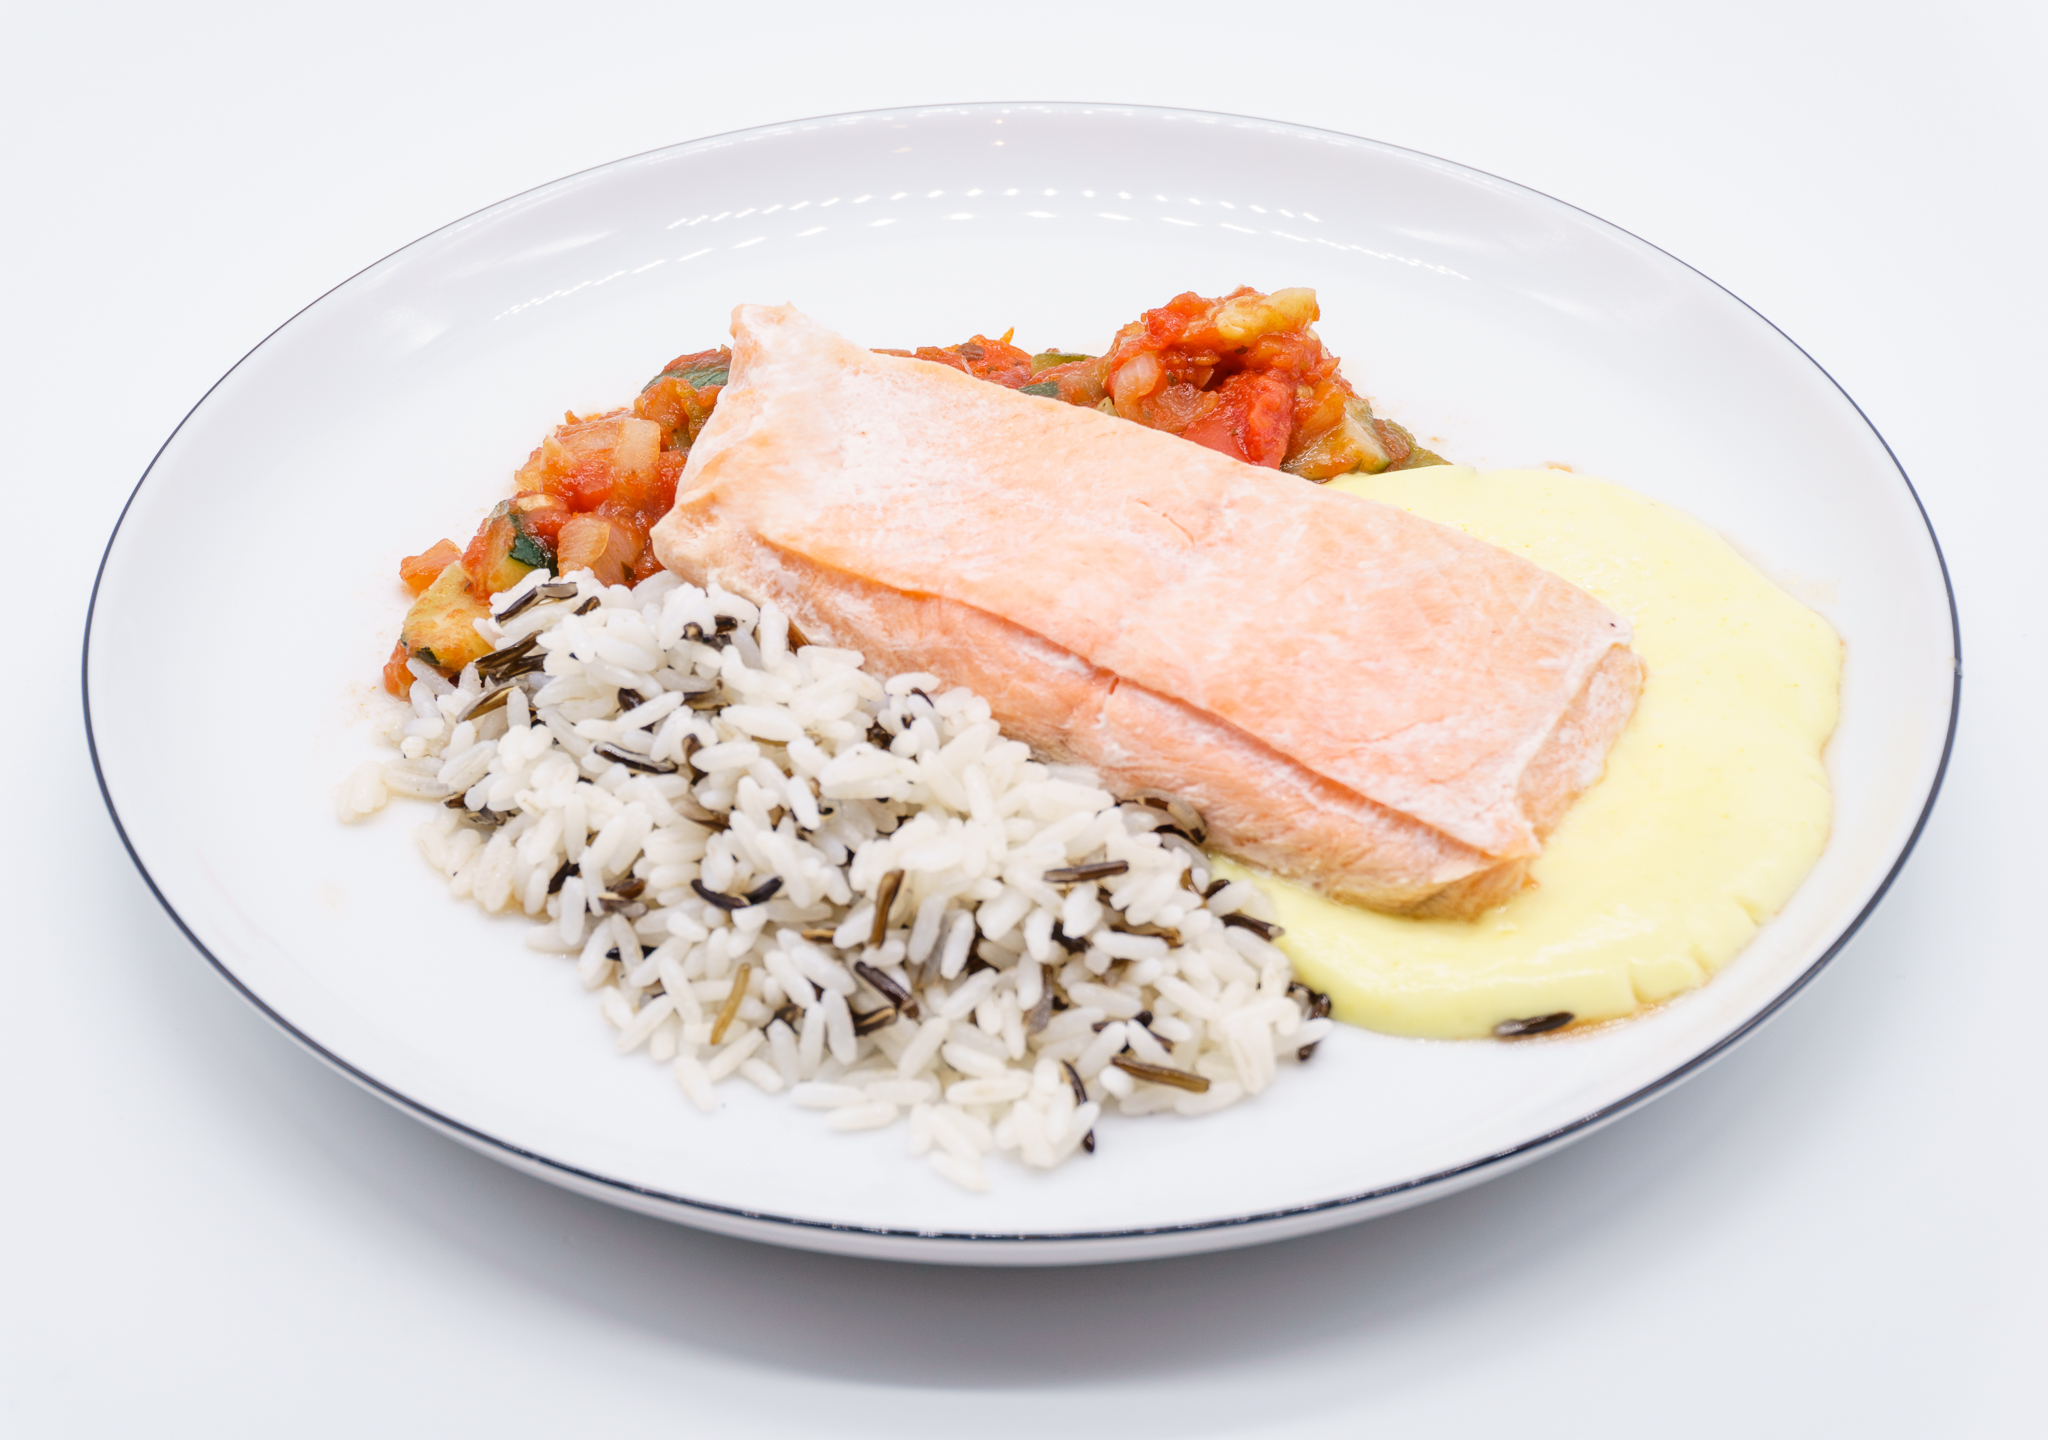 Lachsfilet in Safransauce mit Wildreis und Ratatouille. Feine Menüschalen für die Gastronomie zu Hause.